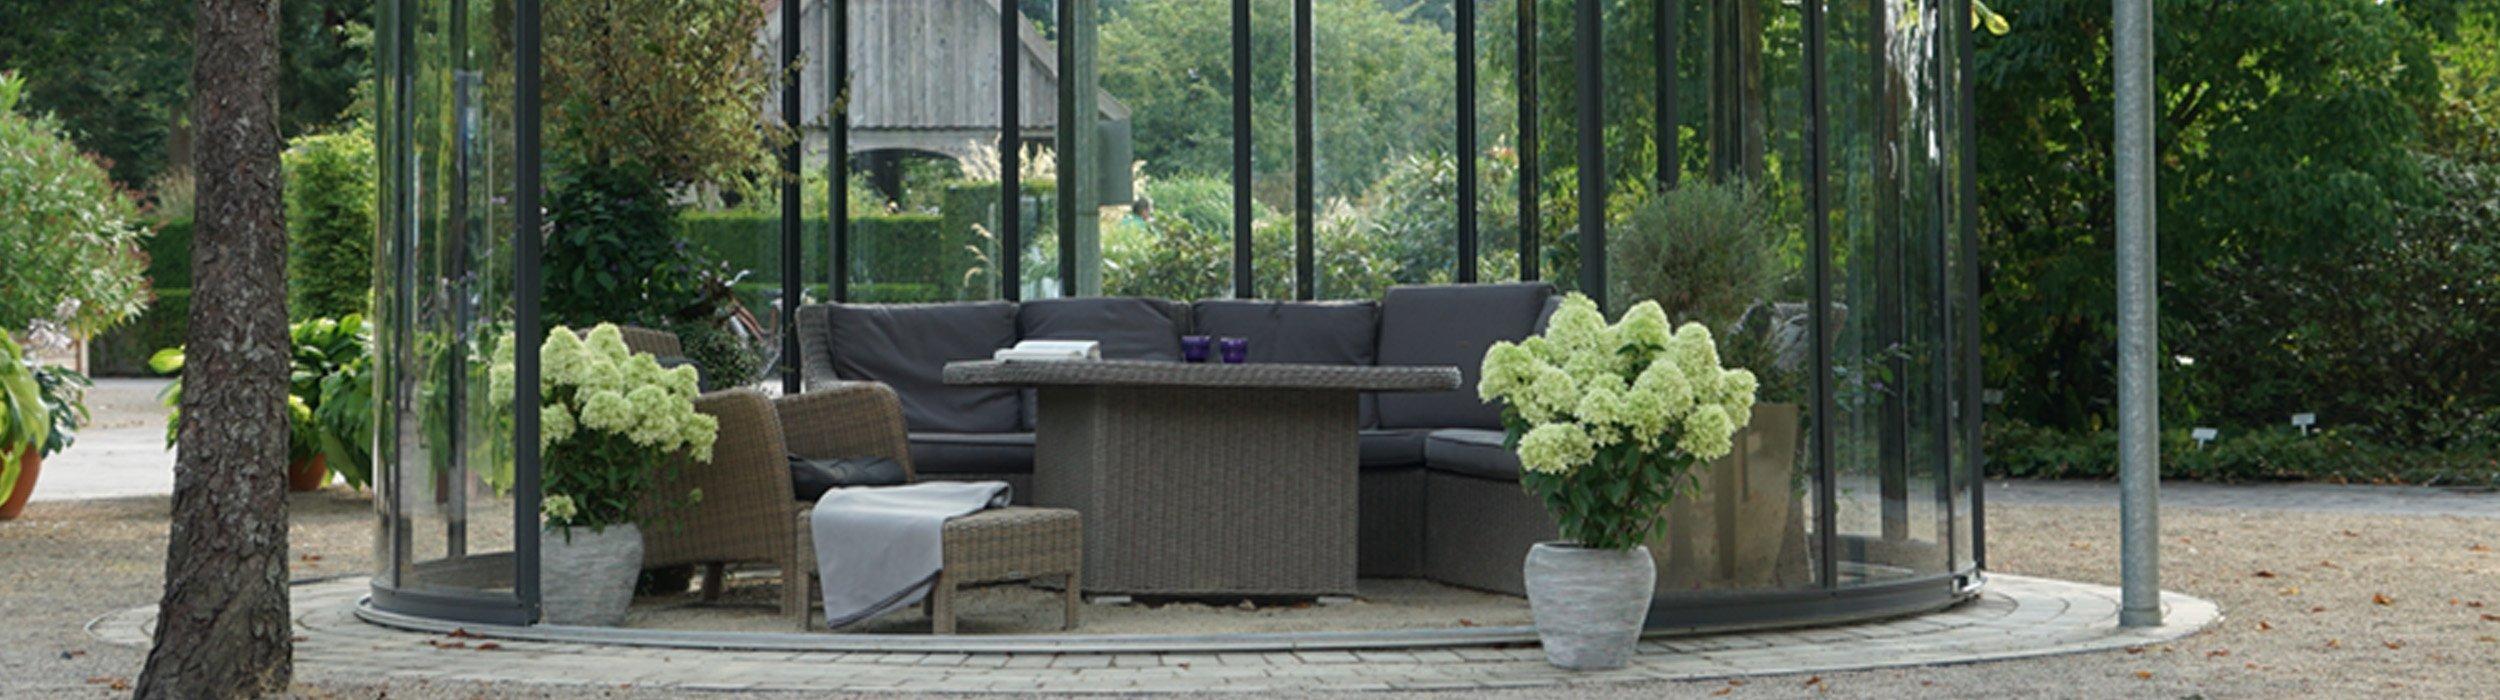 Sitzmöbel Garten Metall